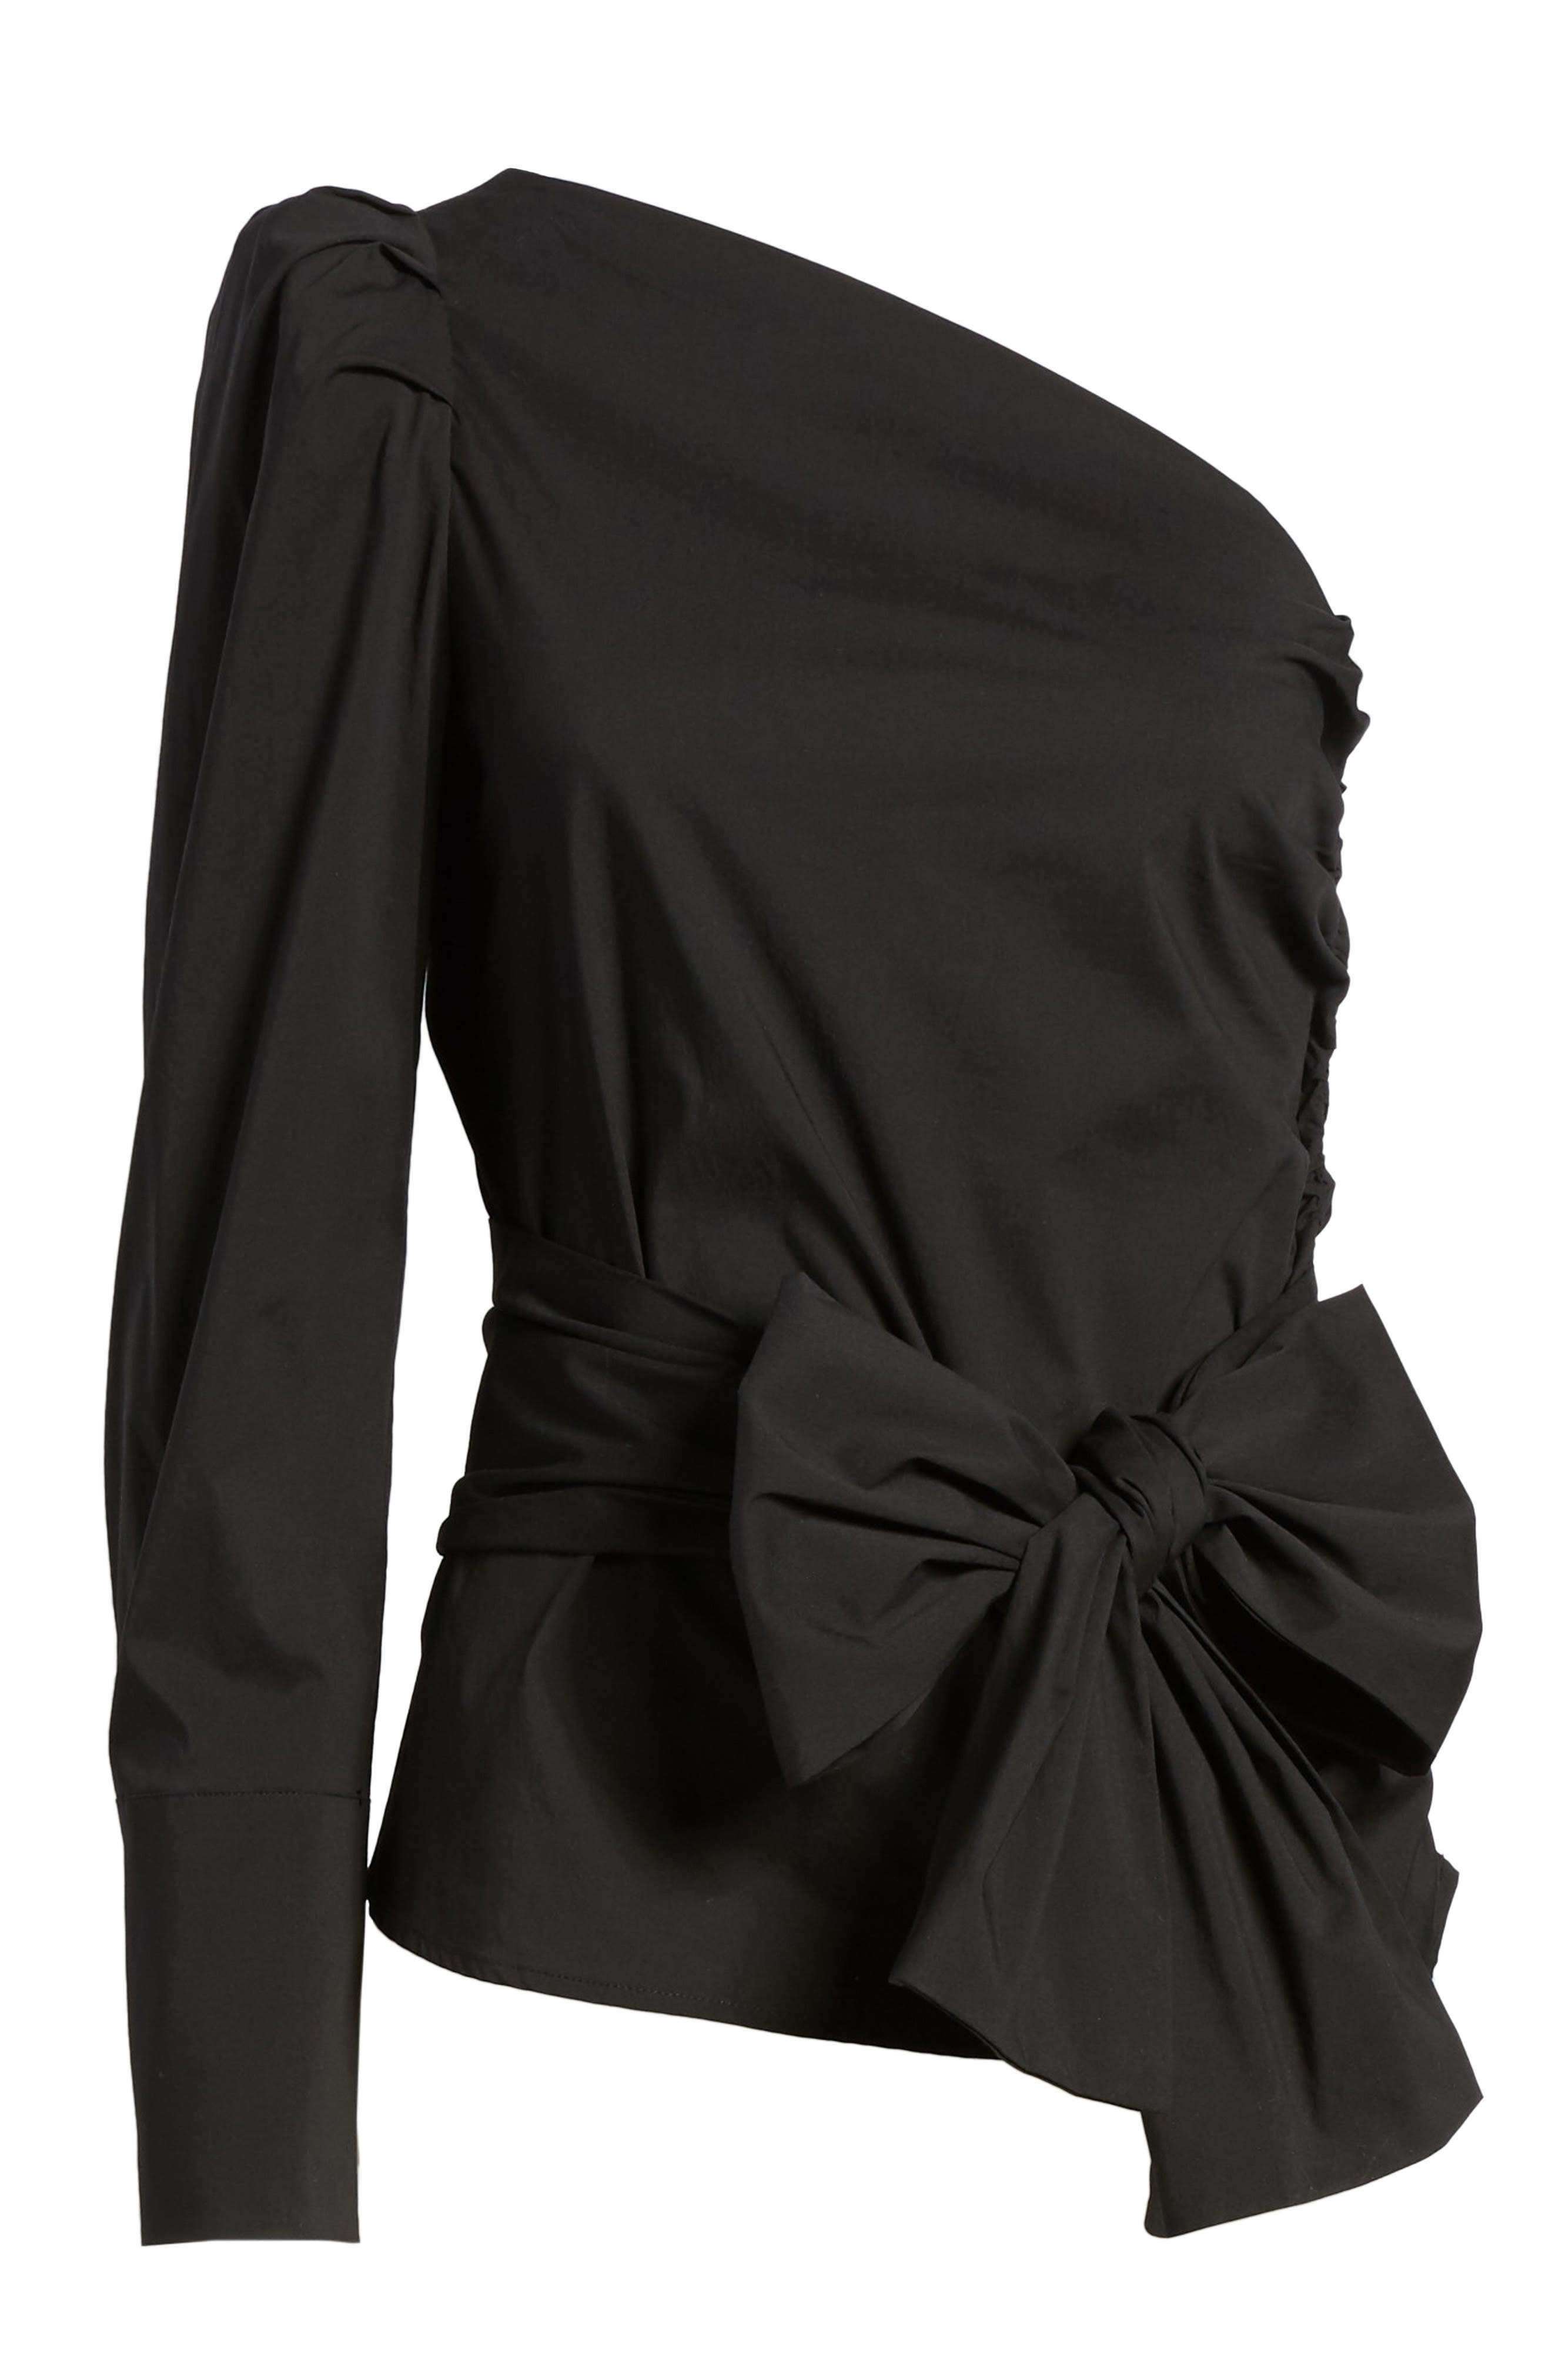 Bishop + Young Belted One-Shoulder Blouse,                             Alternate thumbnail 7, color,                             BLACK